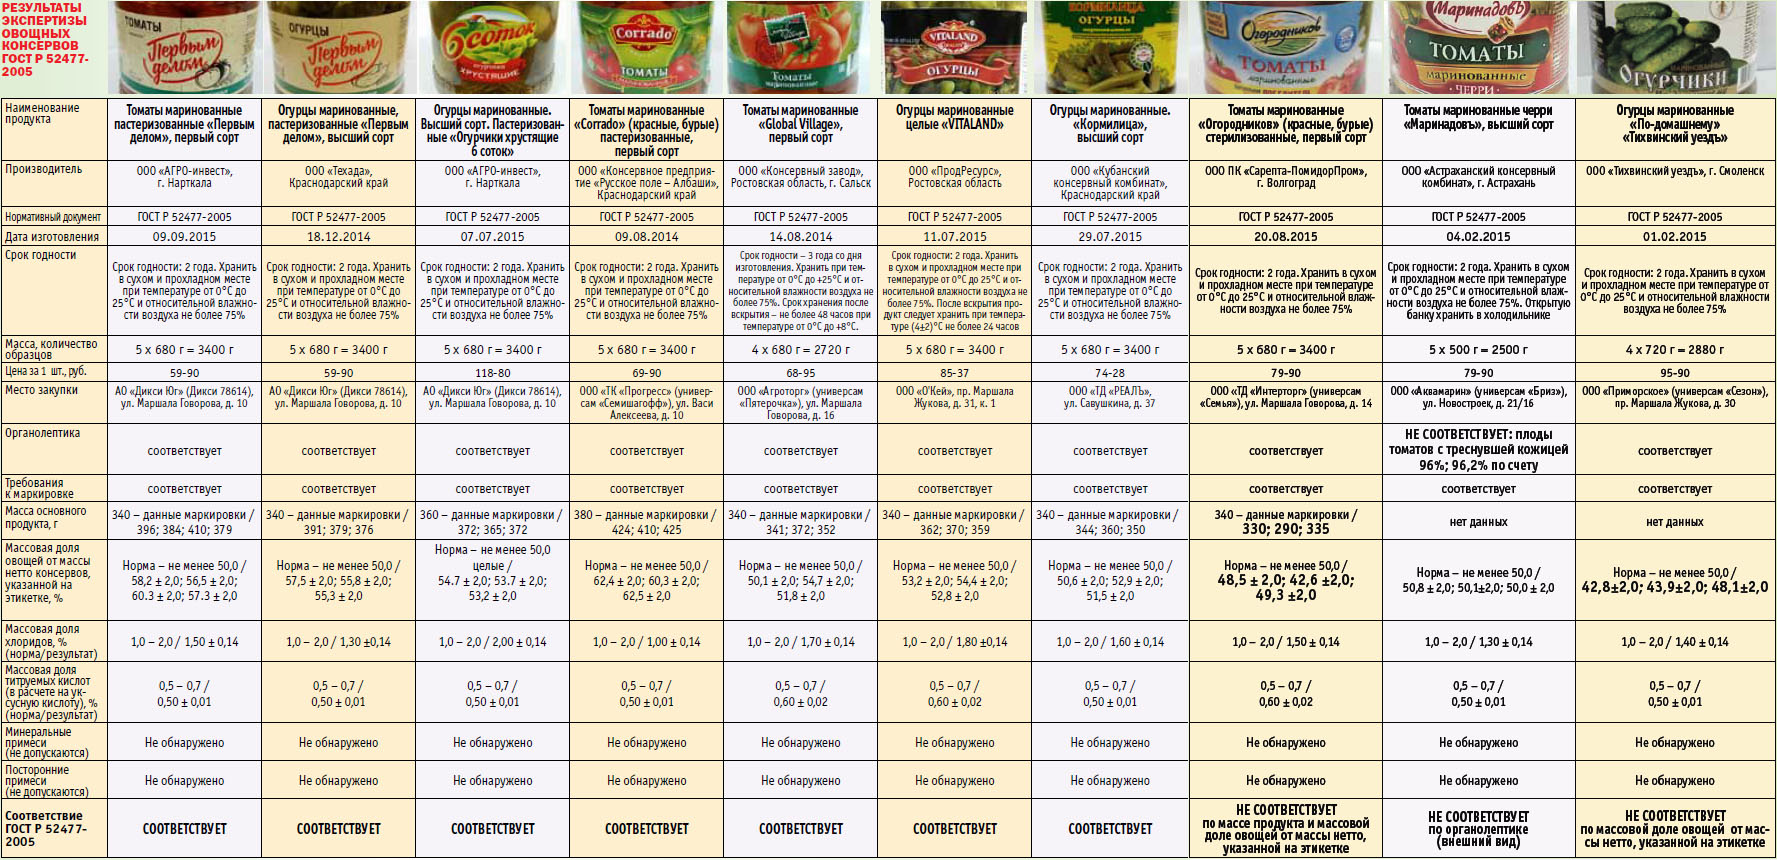 От чего зависит свежесть шампиньонов? срок годности и условия хранения грибов